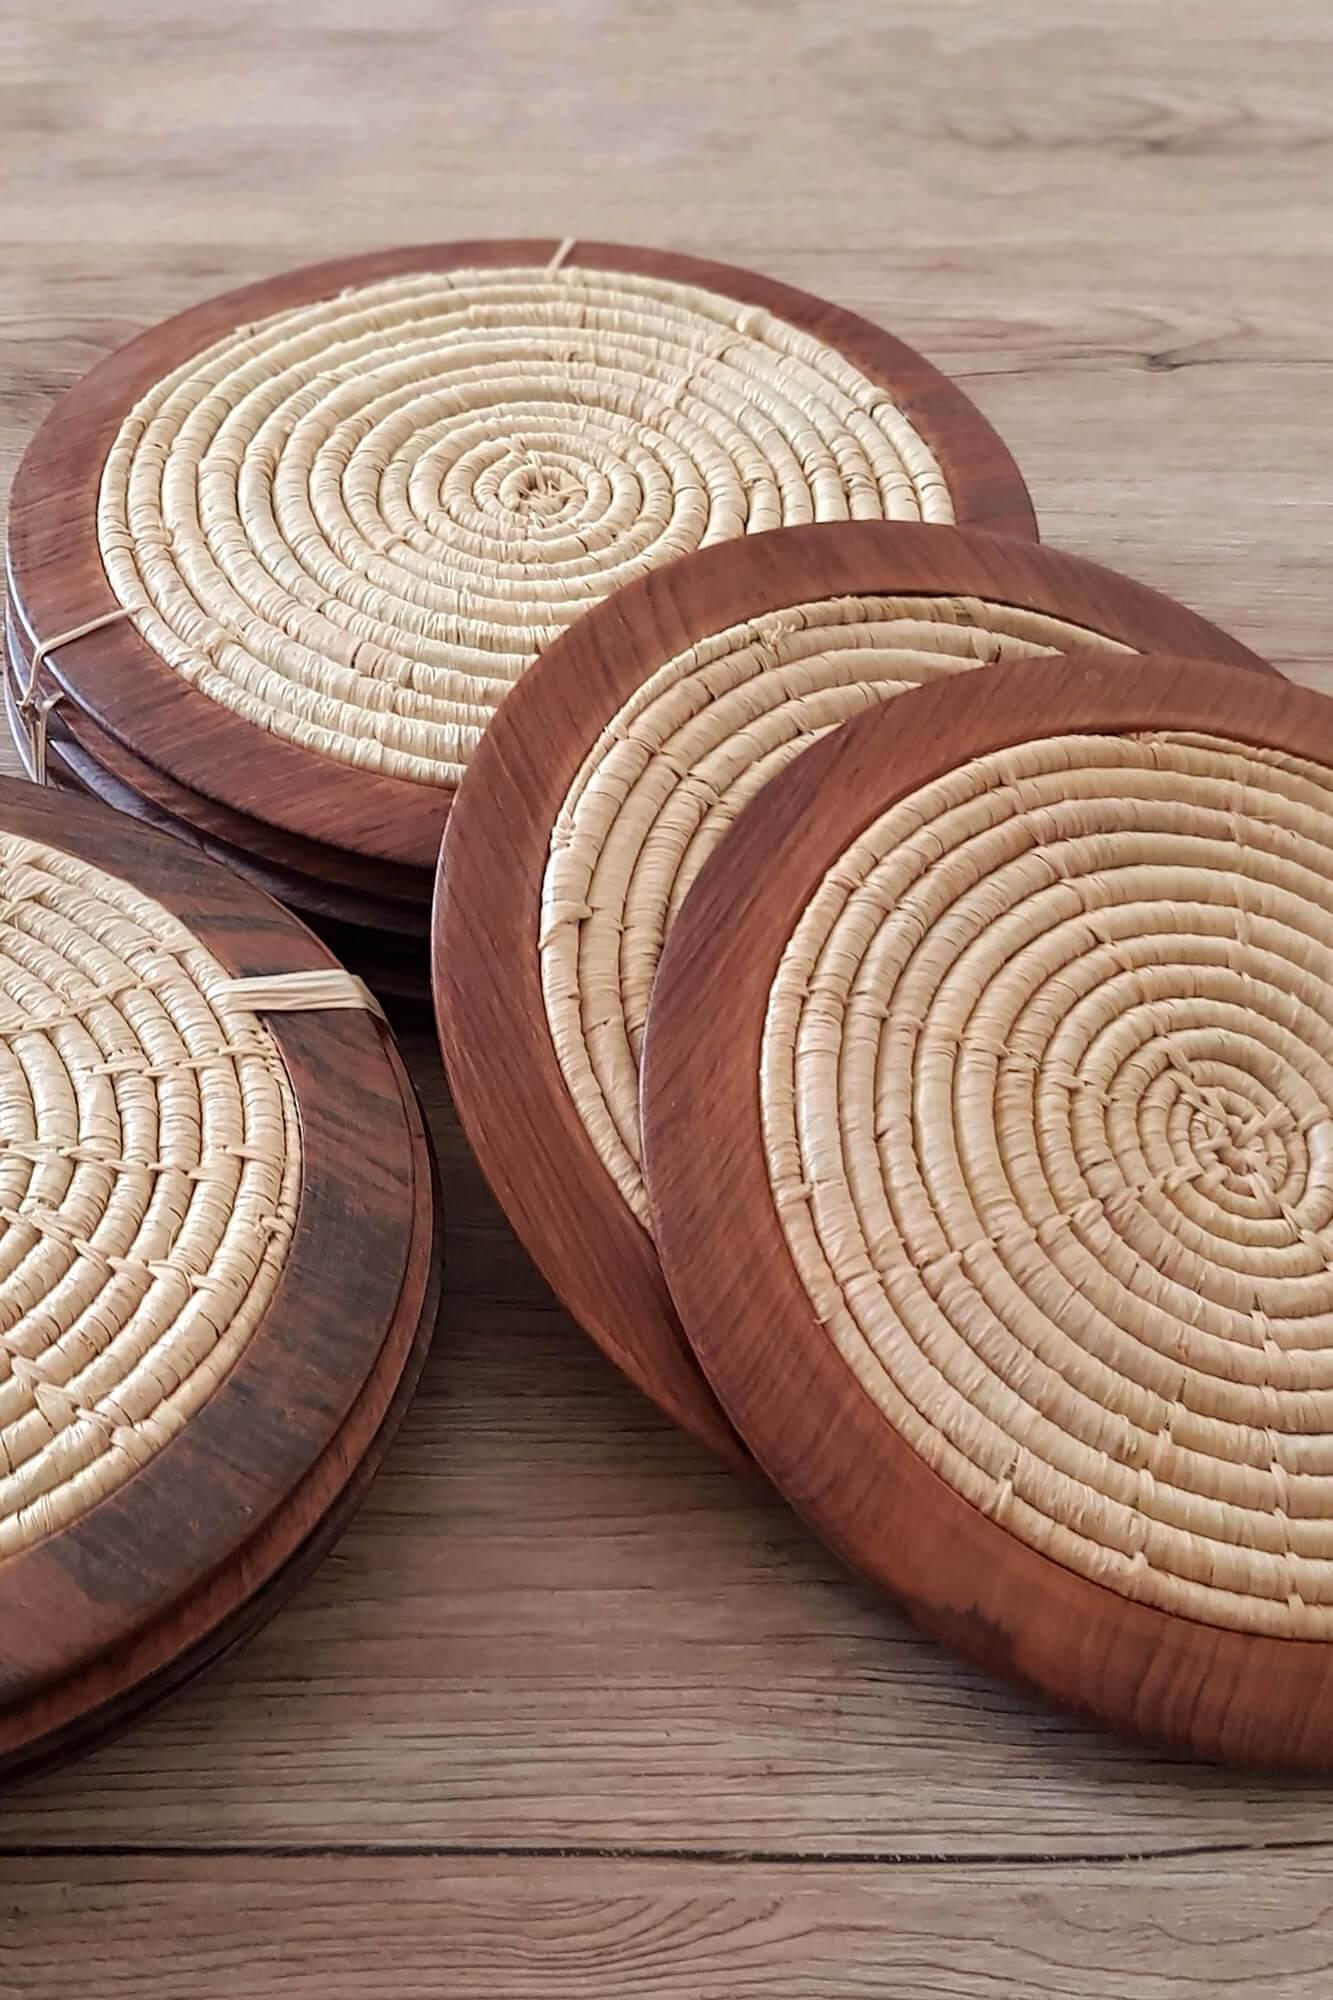 sous assiettes en raphia et bois de palissandre